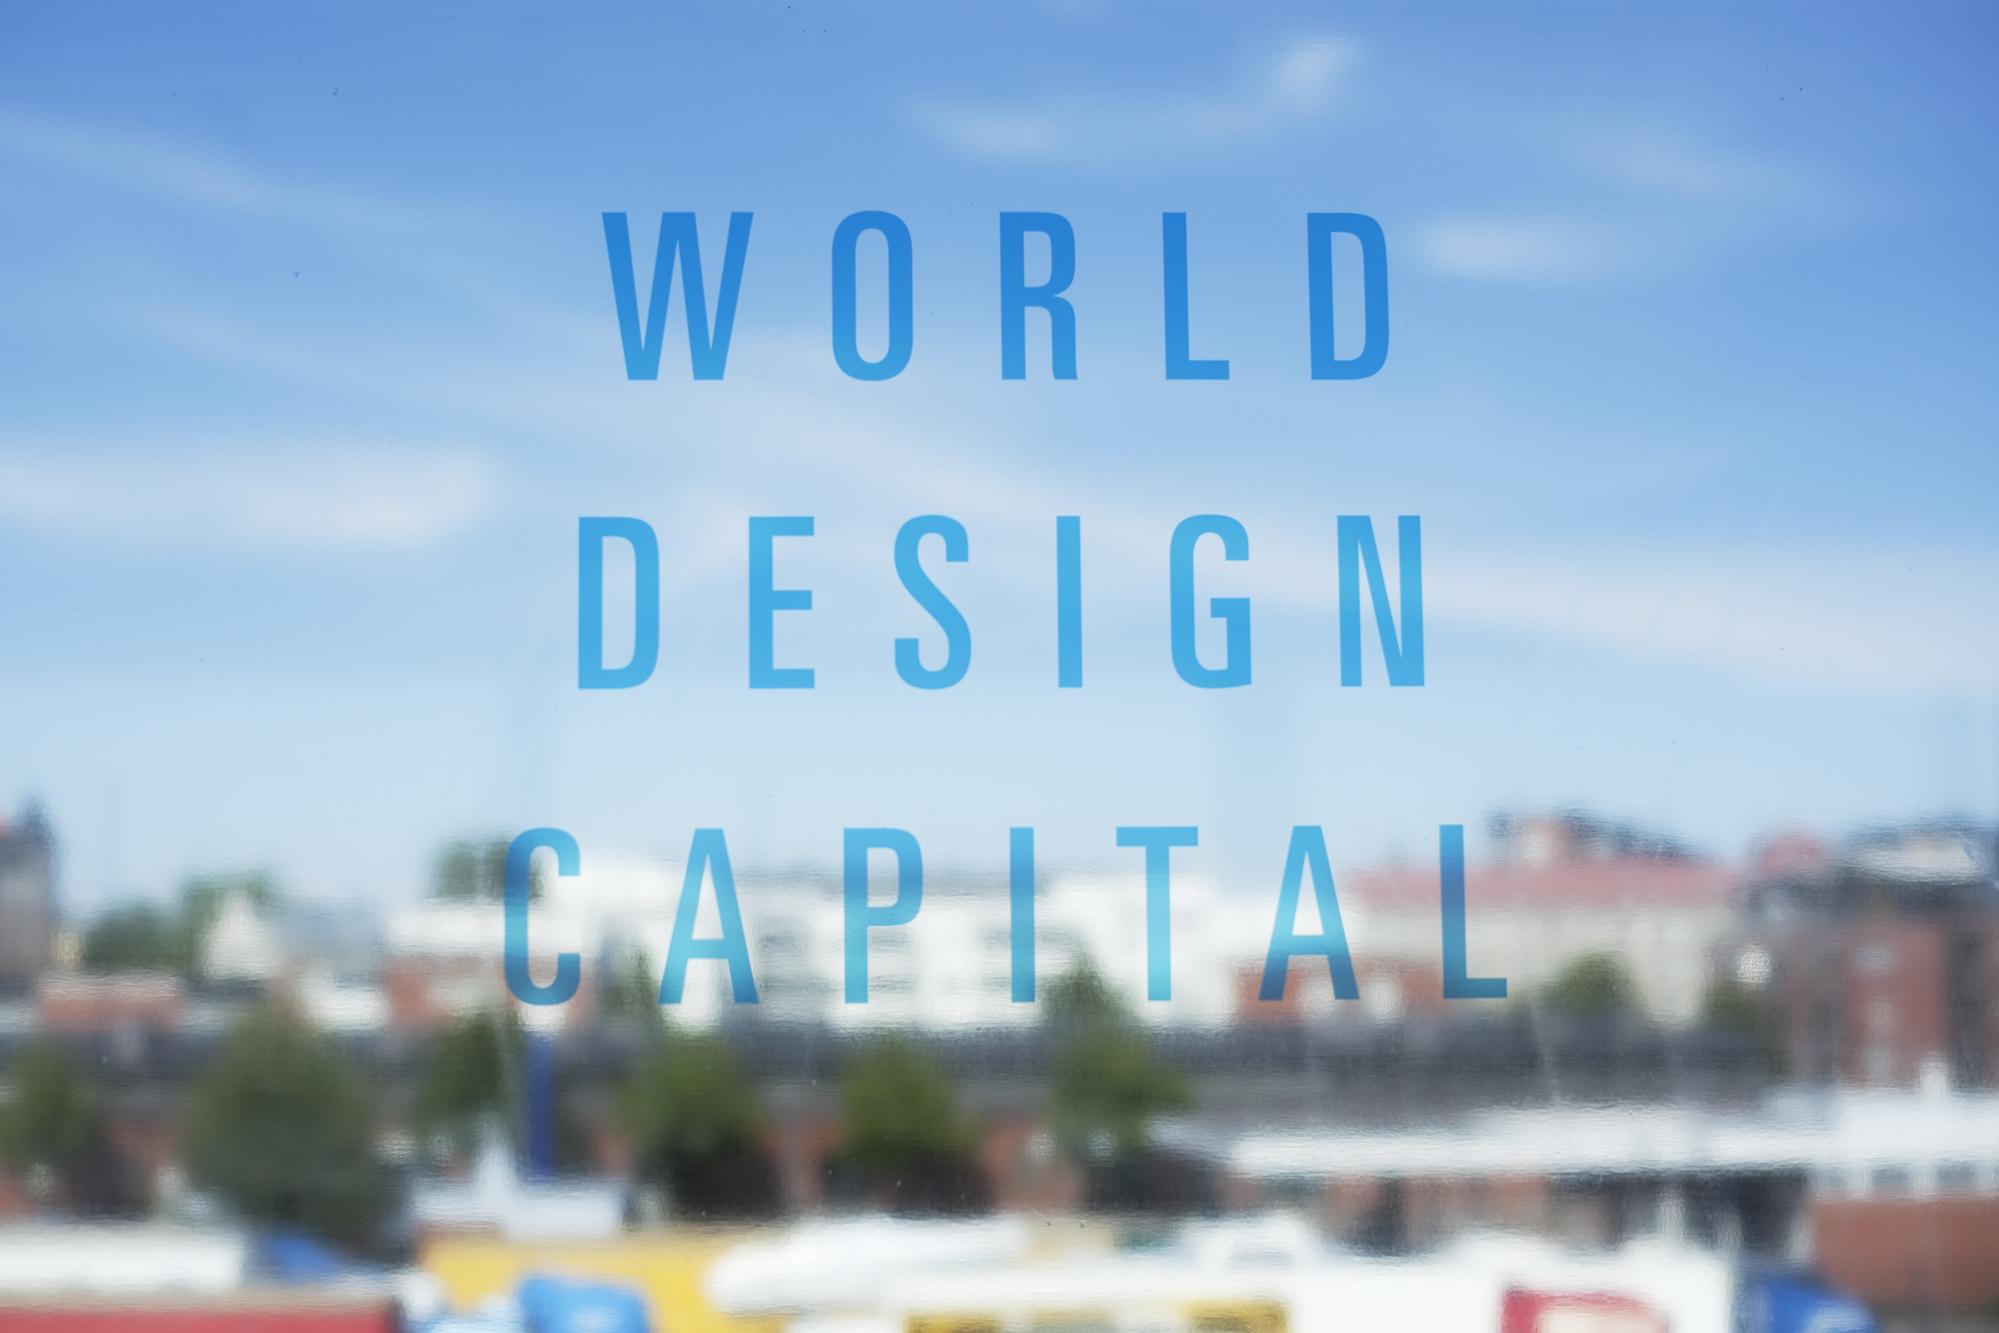 Światowa Stolica Designu: Warszawa, Poznań, Łódź, Cieszyn a może Gdynia?